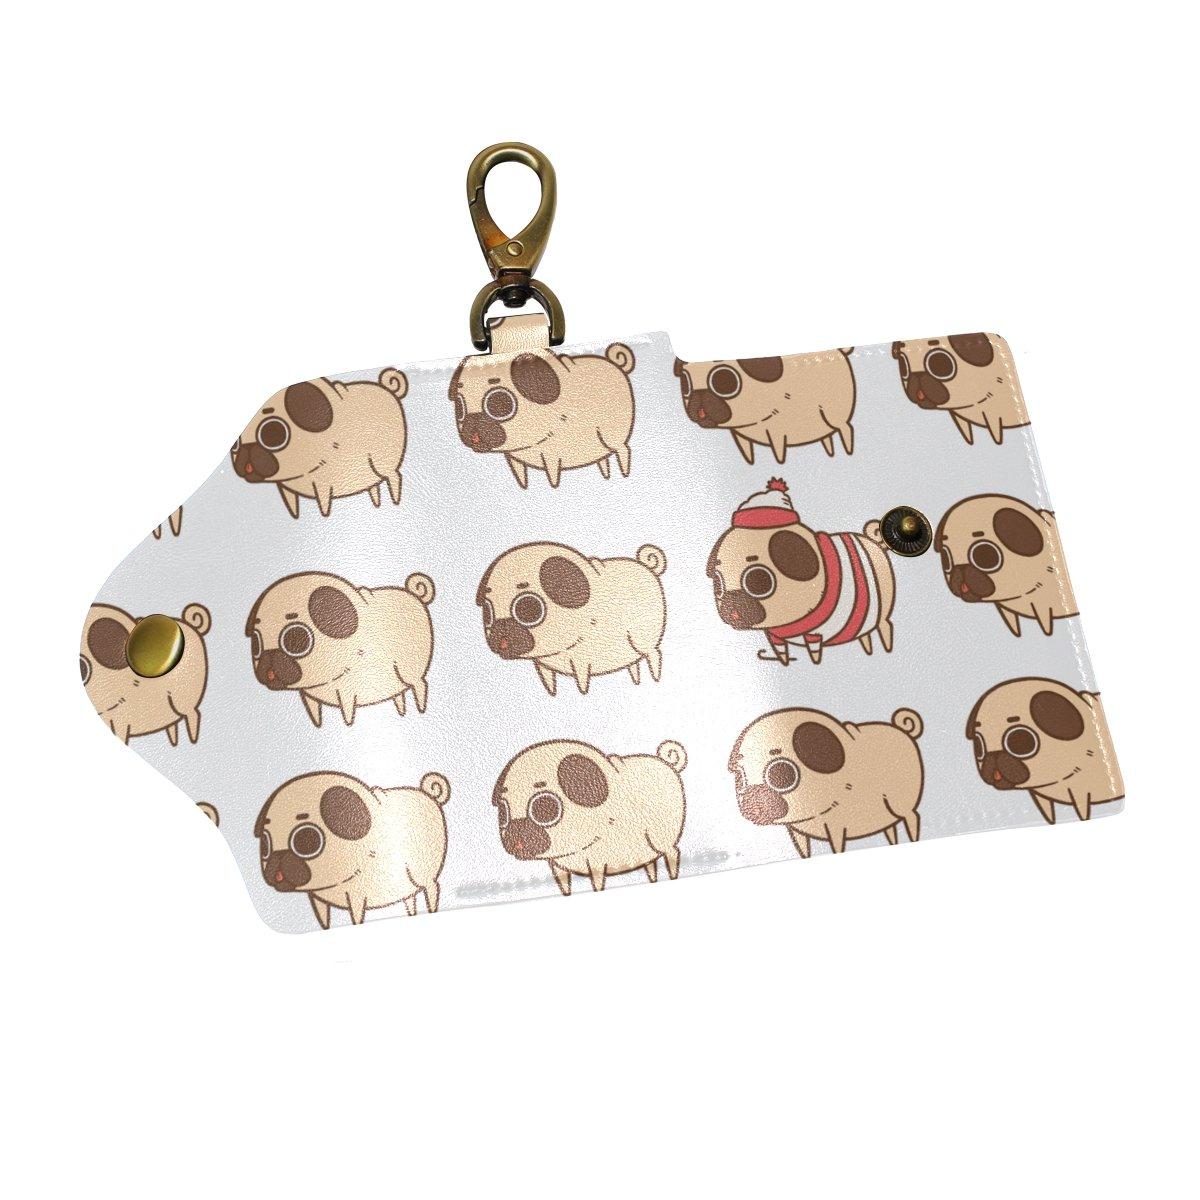 DEYYA Pug Dog Emoji Leather Key Case Wallets Unisex Keychain Key Holder with 6 Hooks Snap Closure